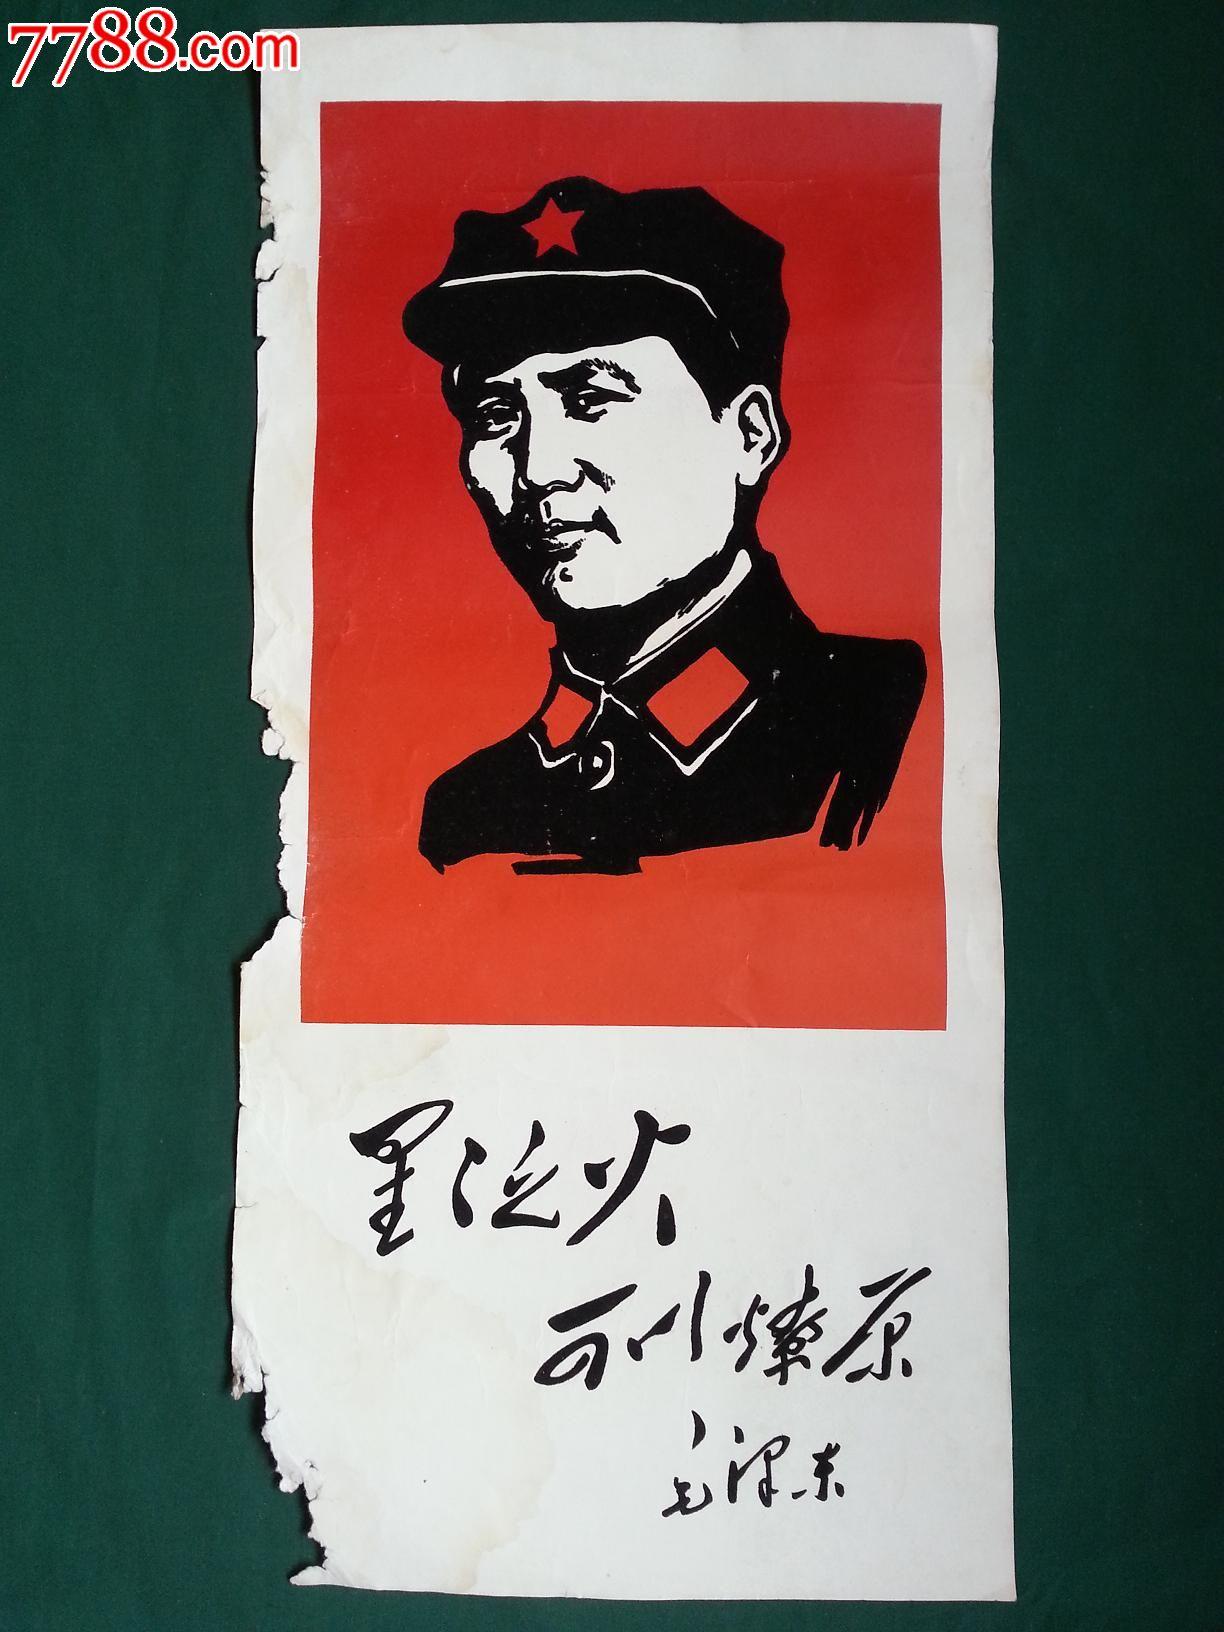 宣传画星星之火可以燎原-毛泽东提题260x528mm植绒面图